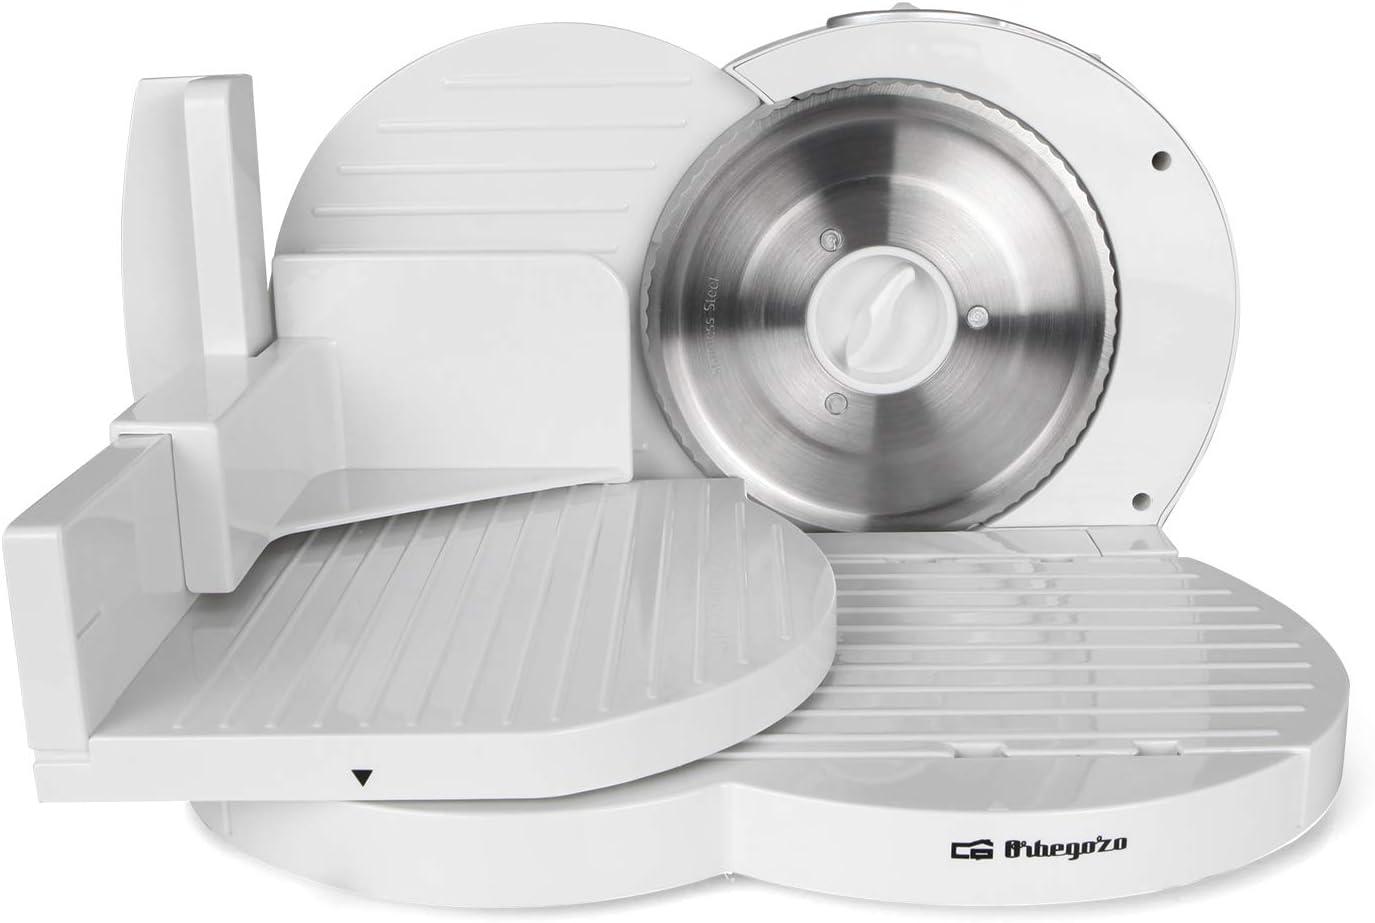 Orbegozo MS4200 MS 4200-Cortadora, Color Blanco, 150 W, Plástico, 3 Velocidades